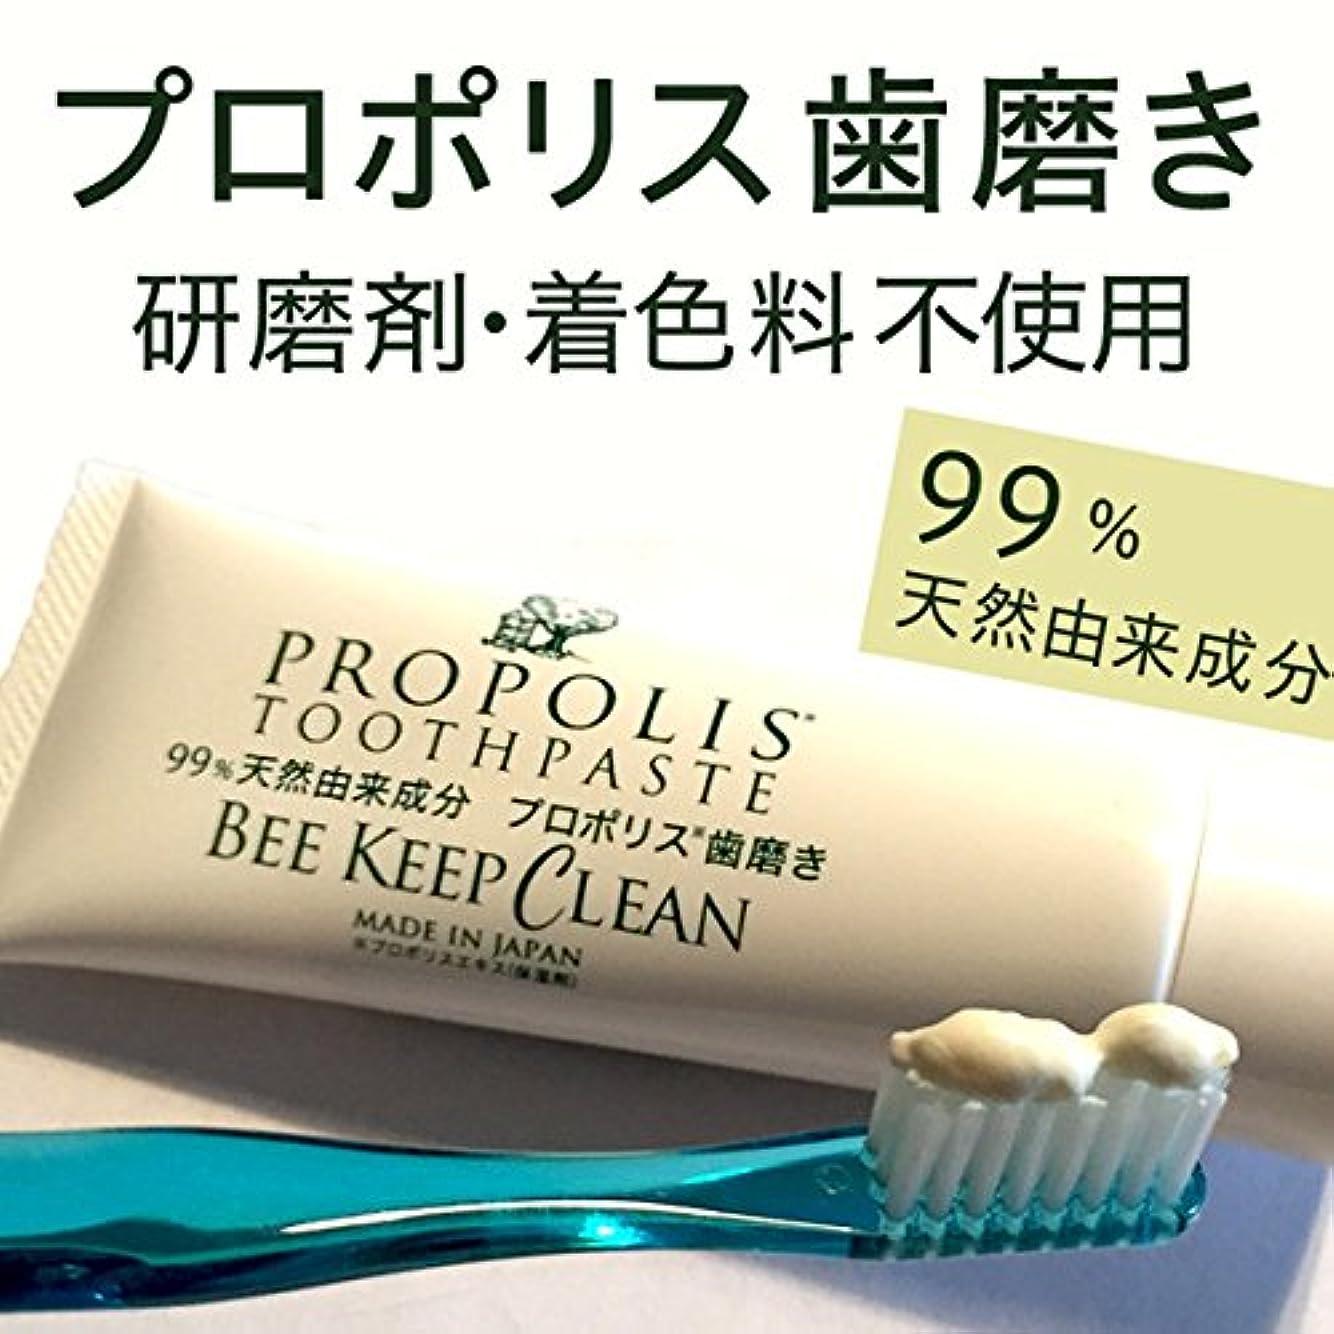 嫉妬省マラウイプロポリス歯磨きビーキープクリーン100g